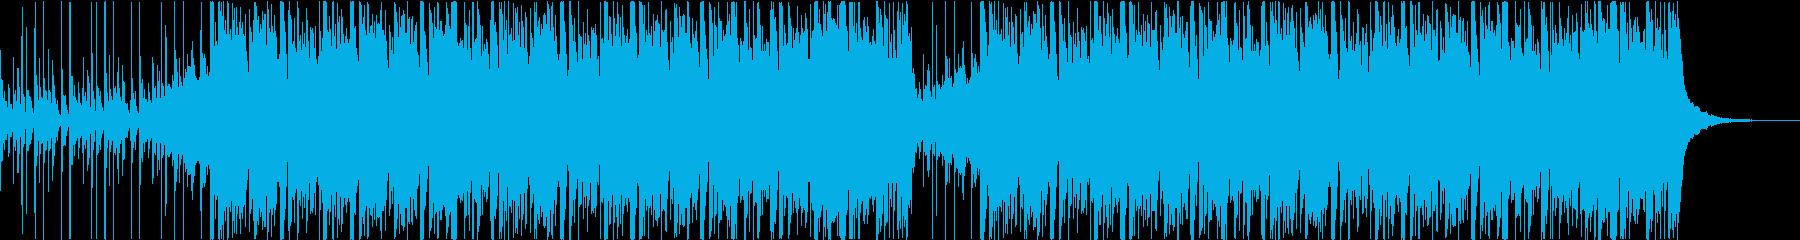 はじまり わくわく ストリングスポップスの再生済みの波形